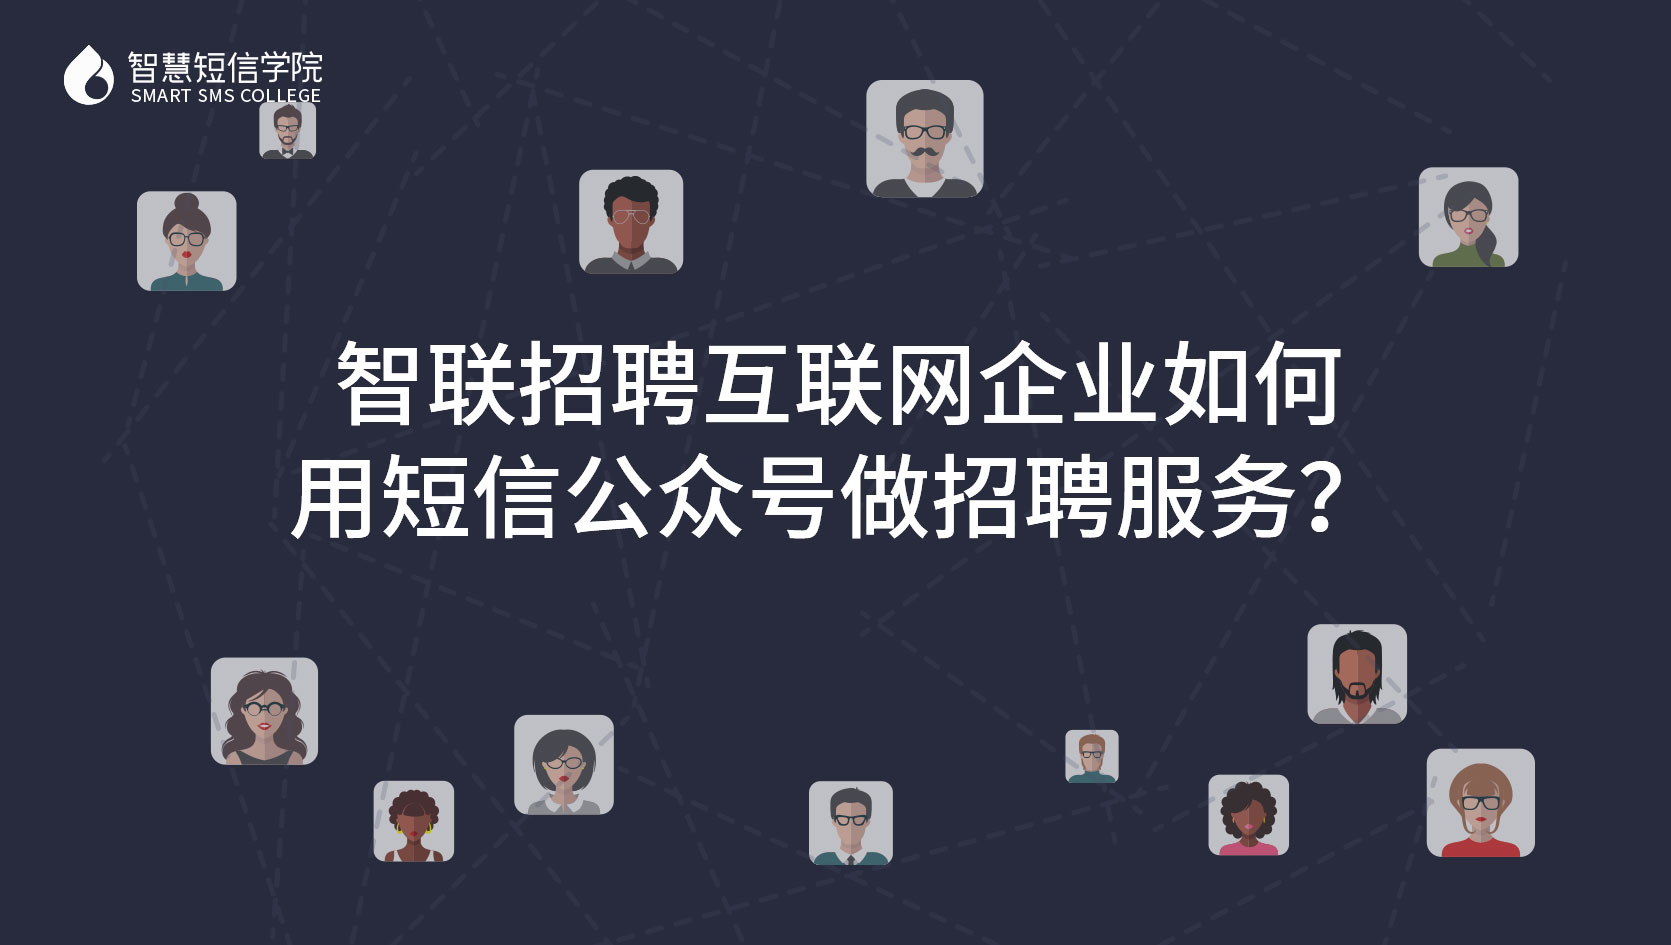 智联招聘互联网企业如何用短信公众号做招聘服务?